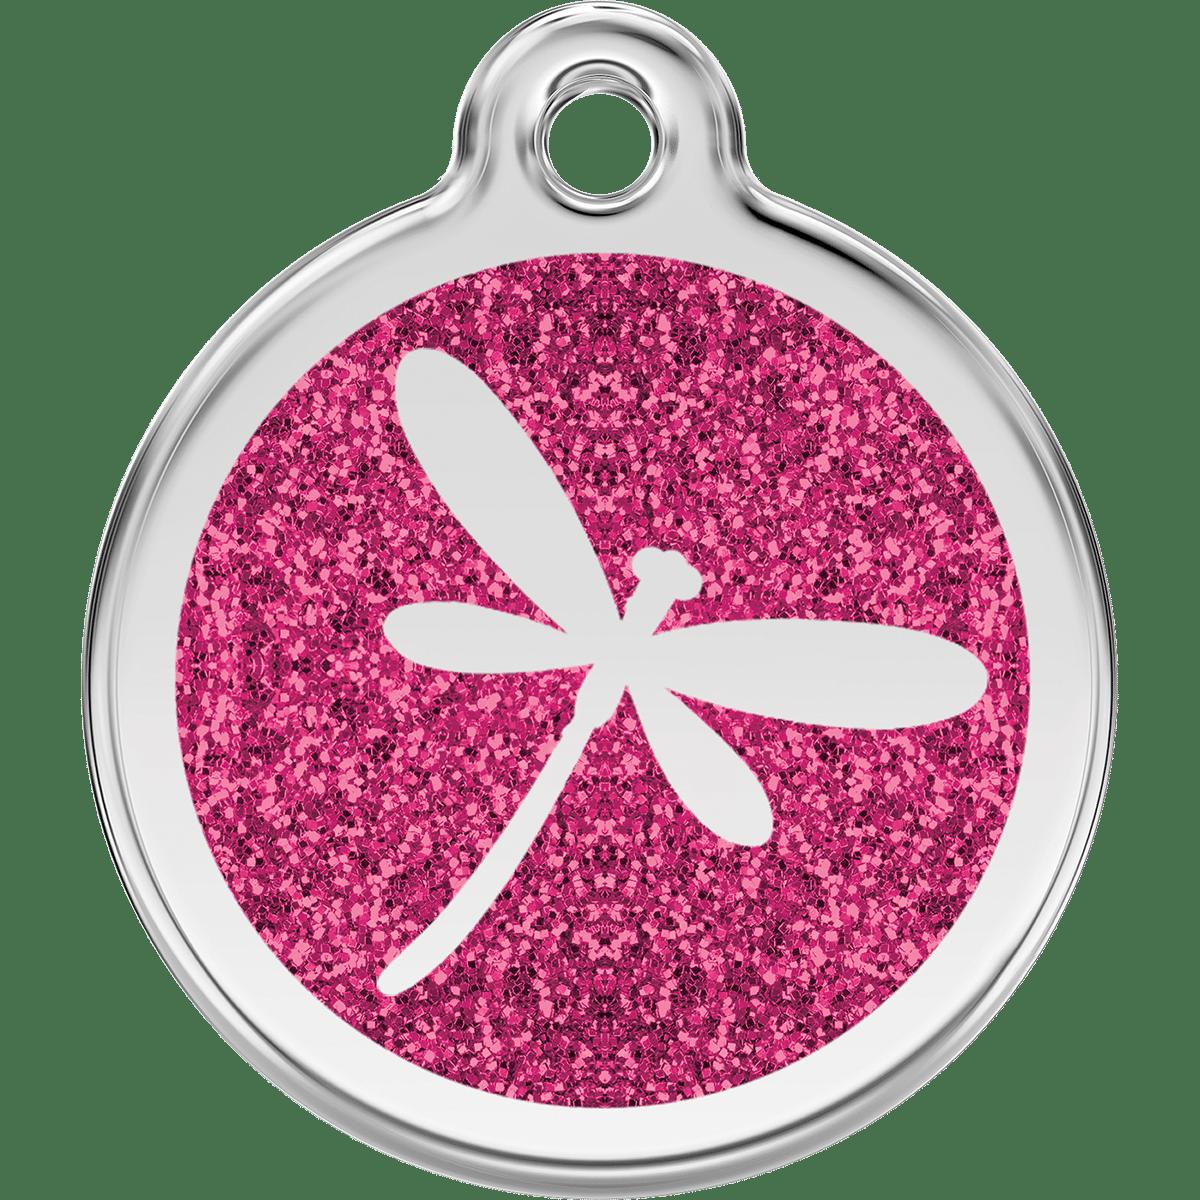 Glittrig namnbricka i rosa till hunden eller katten